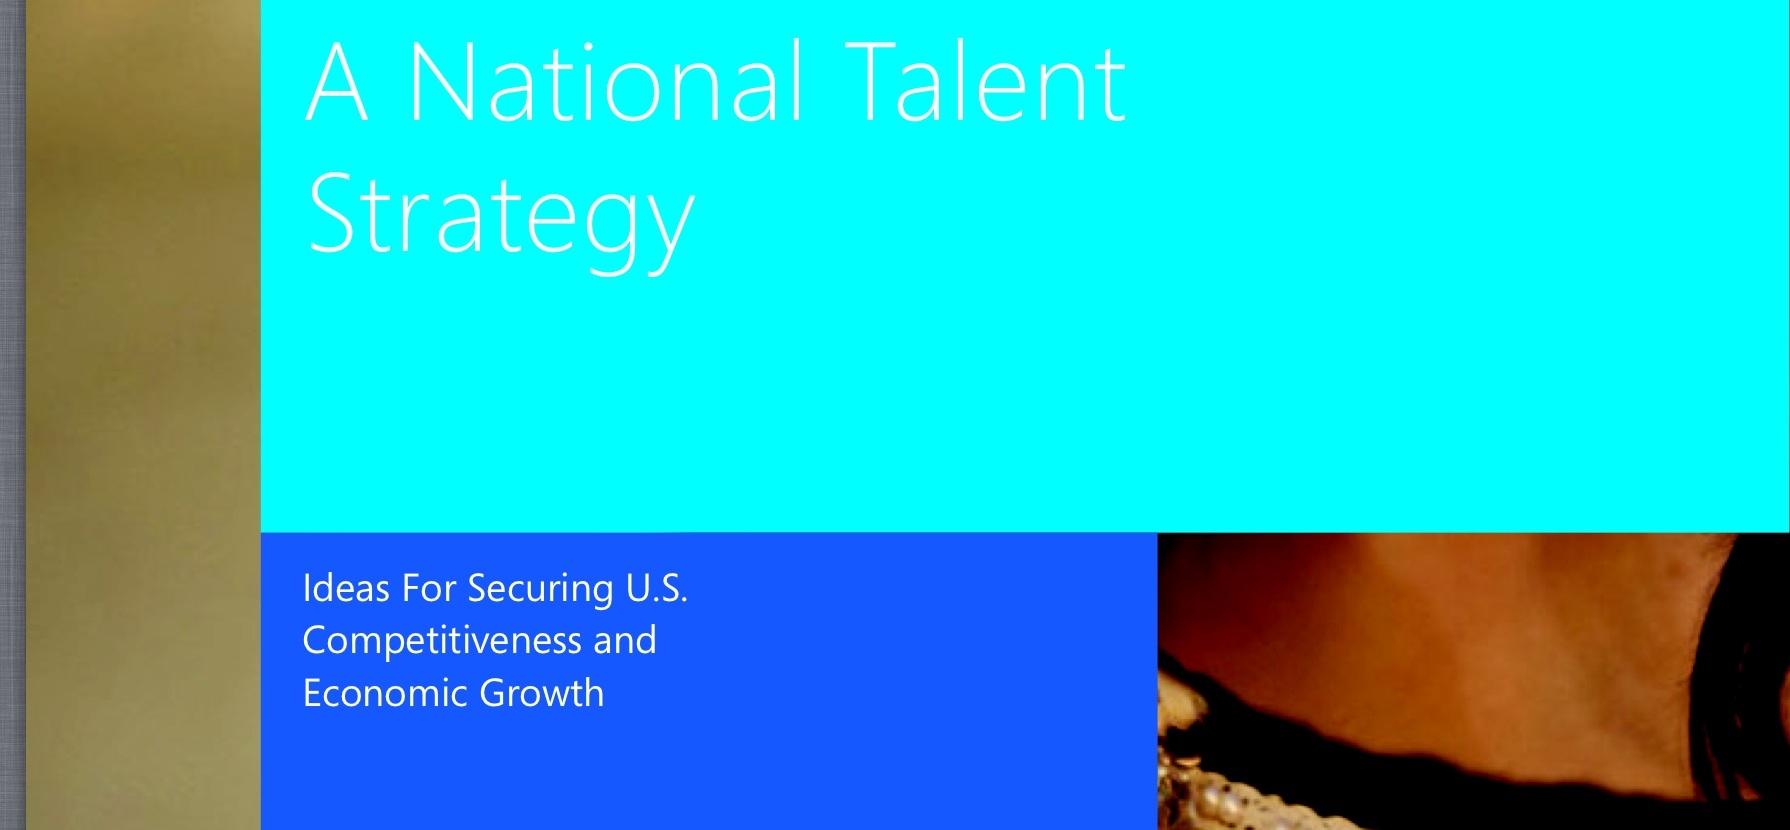 تجارب تطوير التعليم المدرسي: احدى التجارب لتطوير التعليم المدرسي من قبل شركة ميكروسوفت